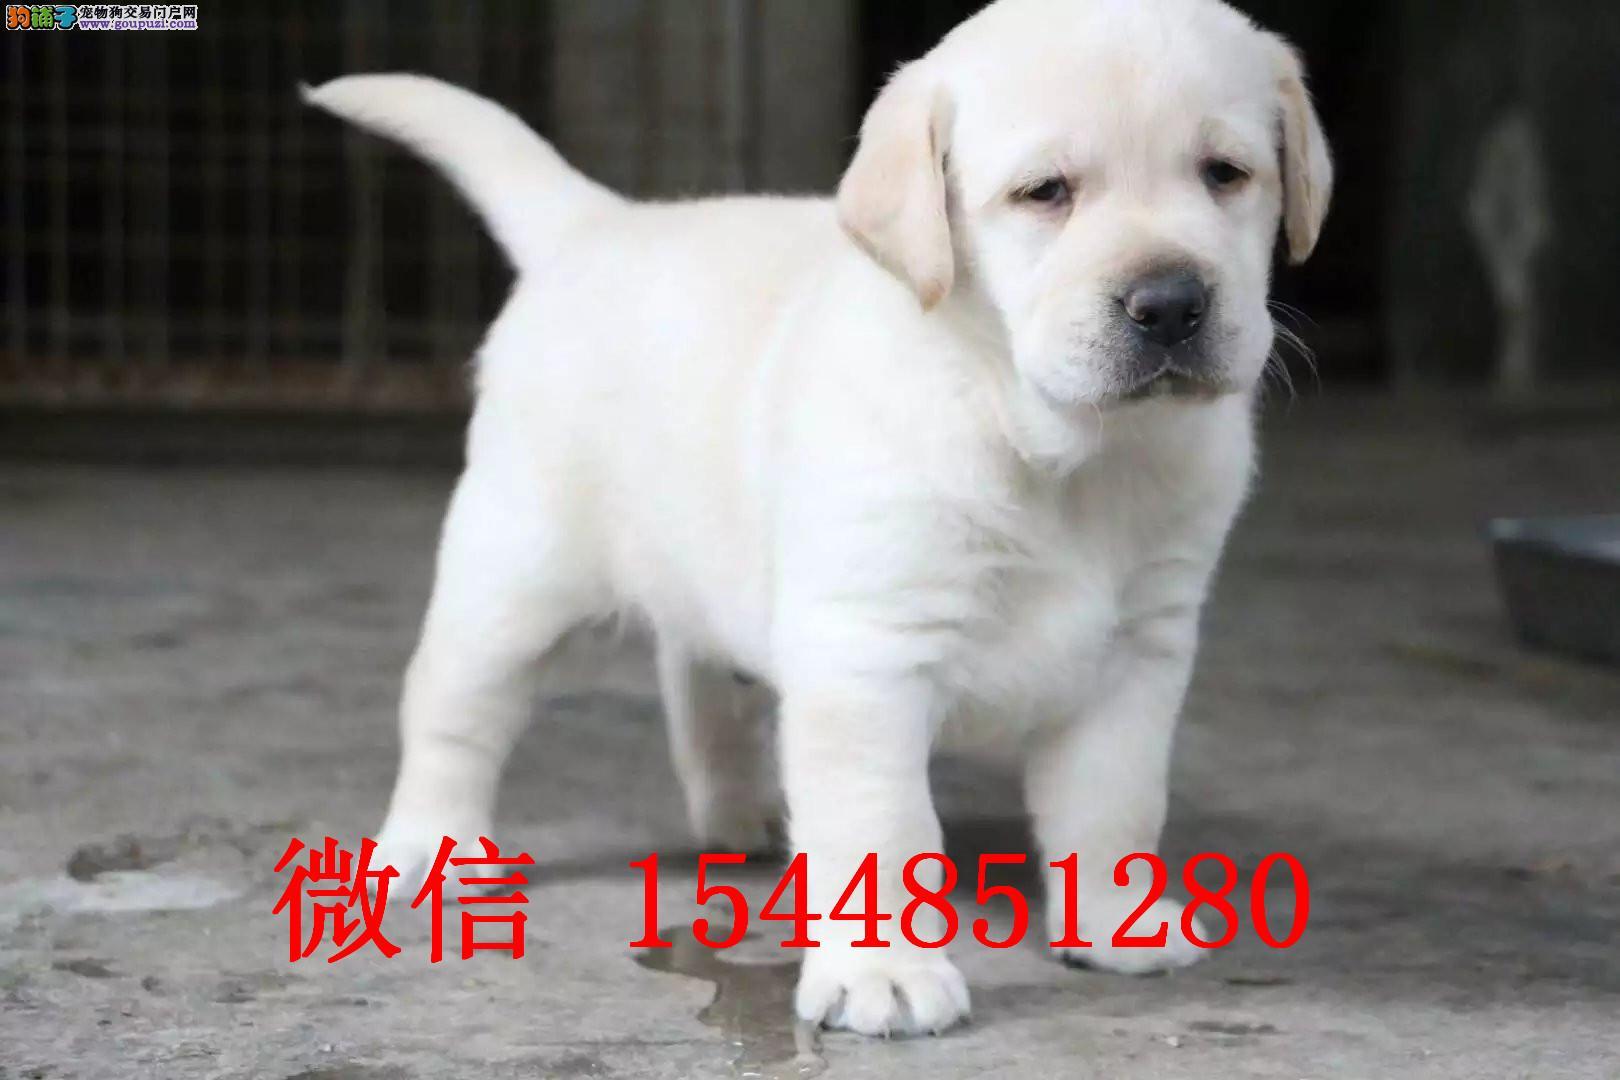 新乡哪里有拉布拉多犬卖 黑色拉布拉多犬 奶油色拉拉